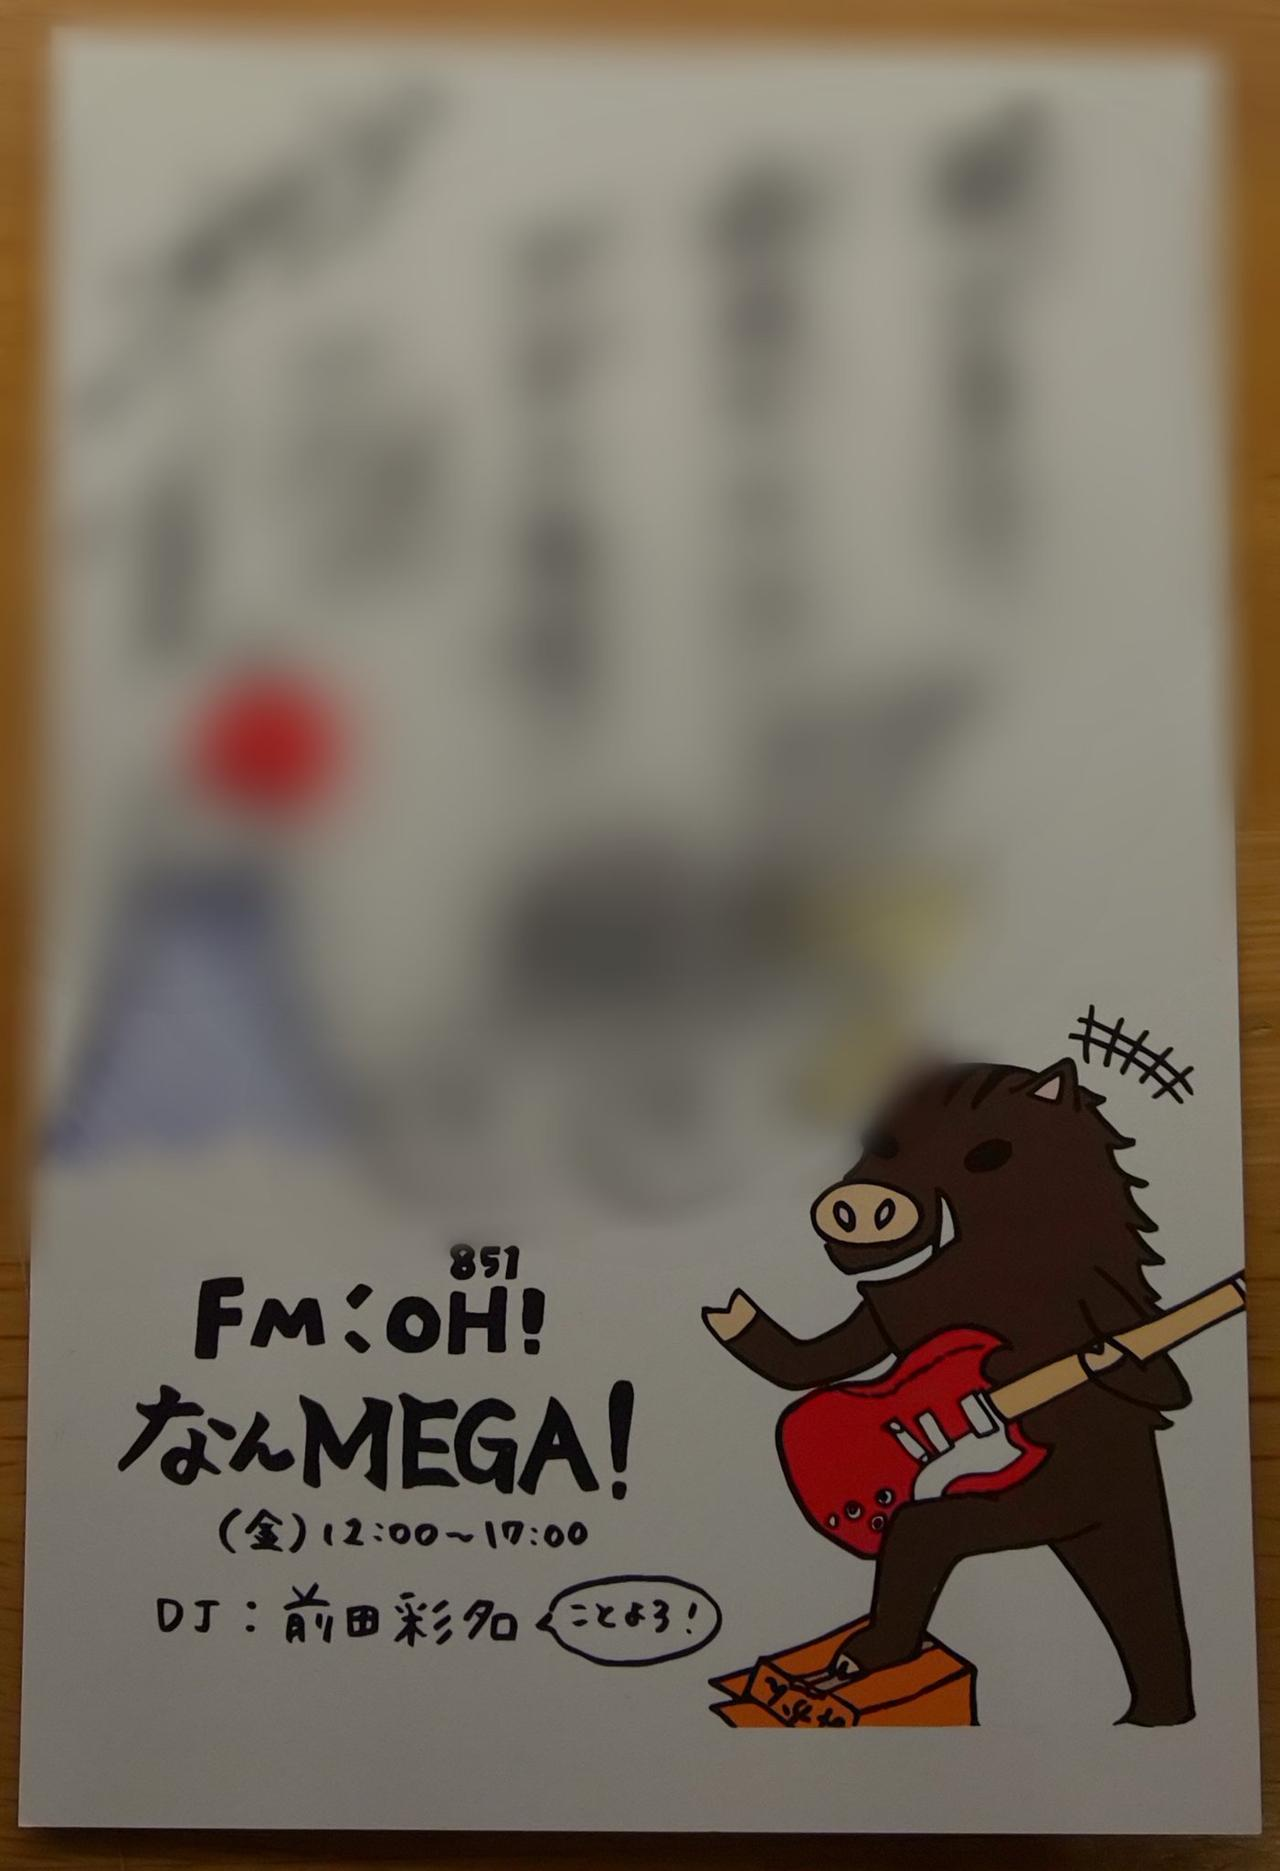 画像2: FM OH! なんMEGA! on Twitter twitter.com